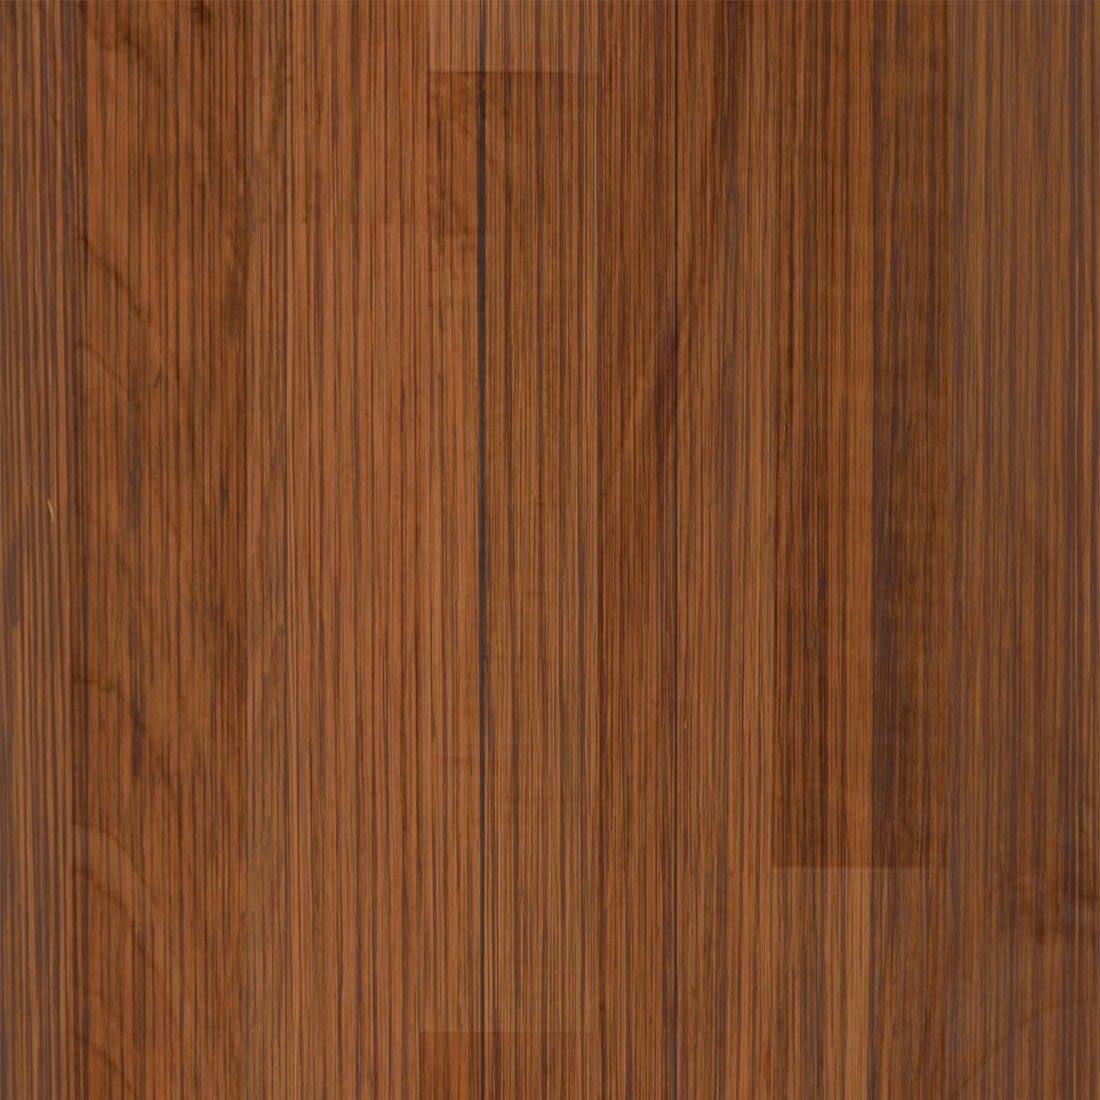 Papel de parede imita madeira auto adesivo r 47 00 em mercado livre - Papel vinilico para paredes ...